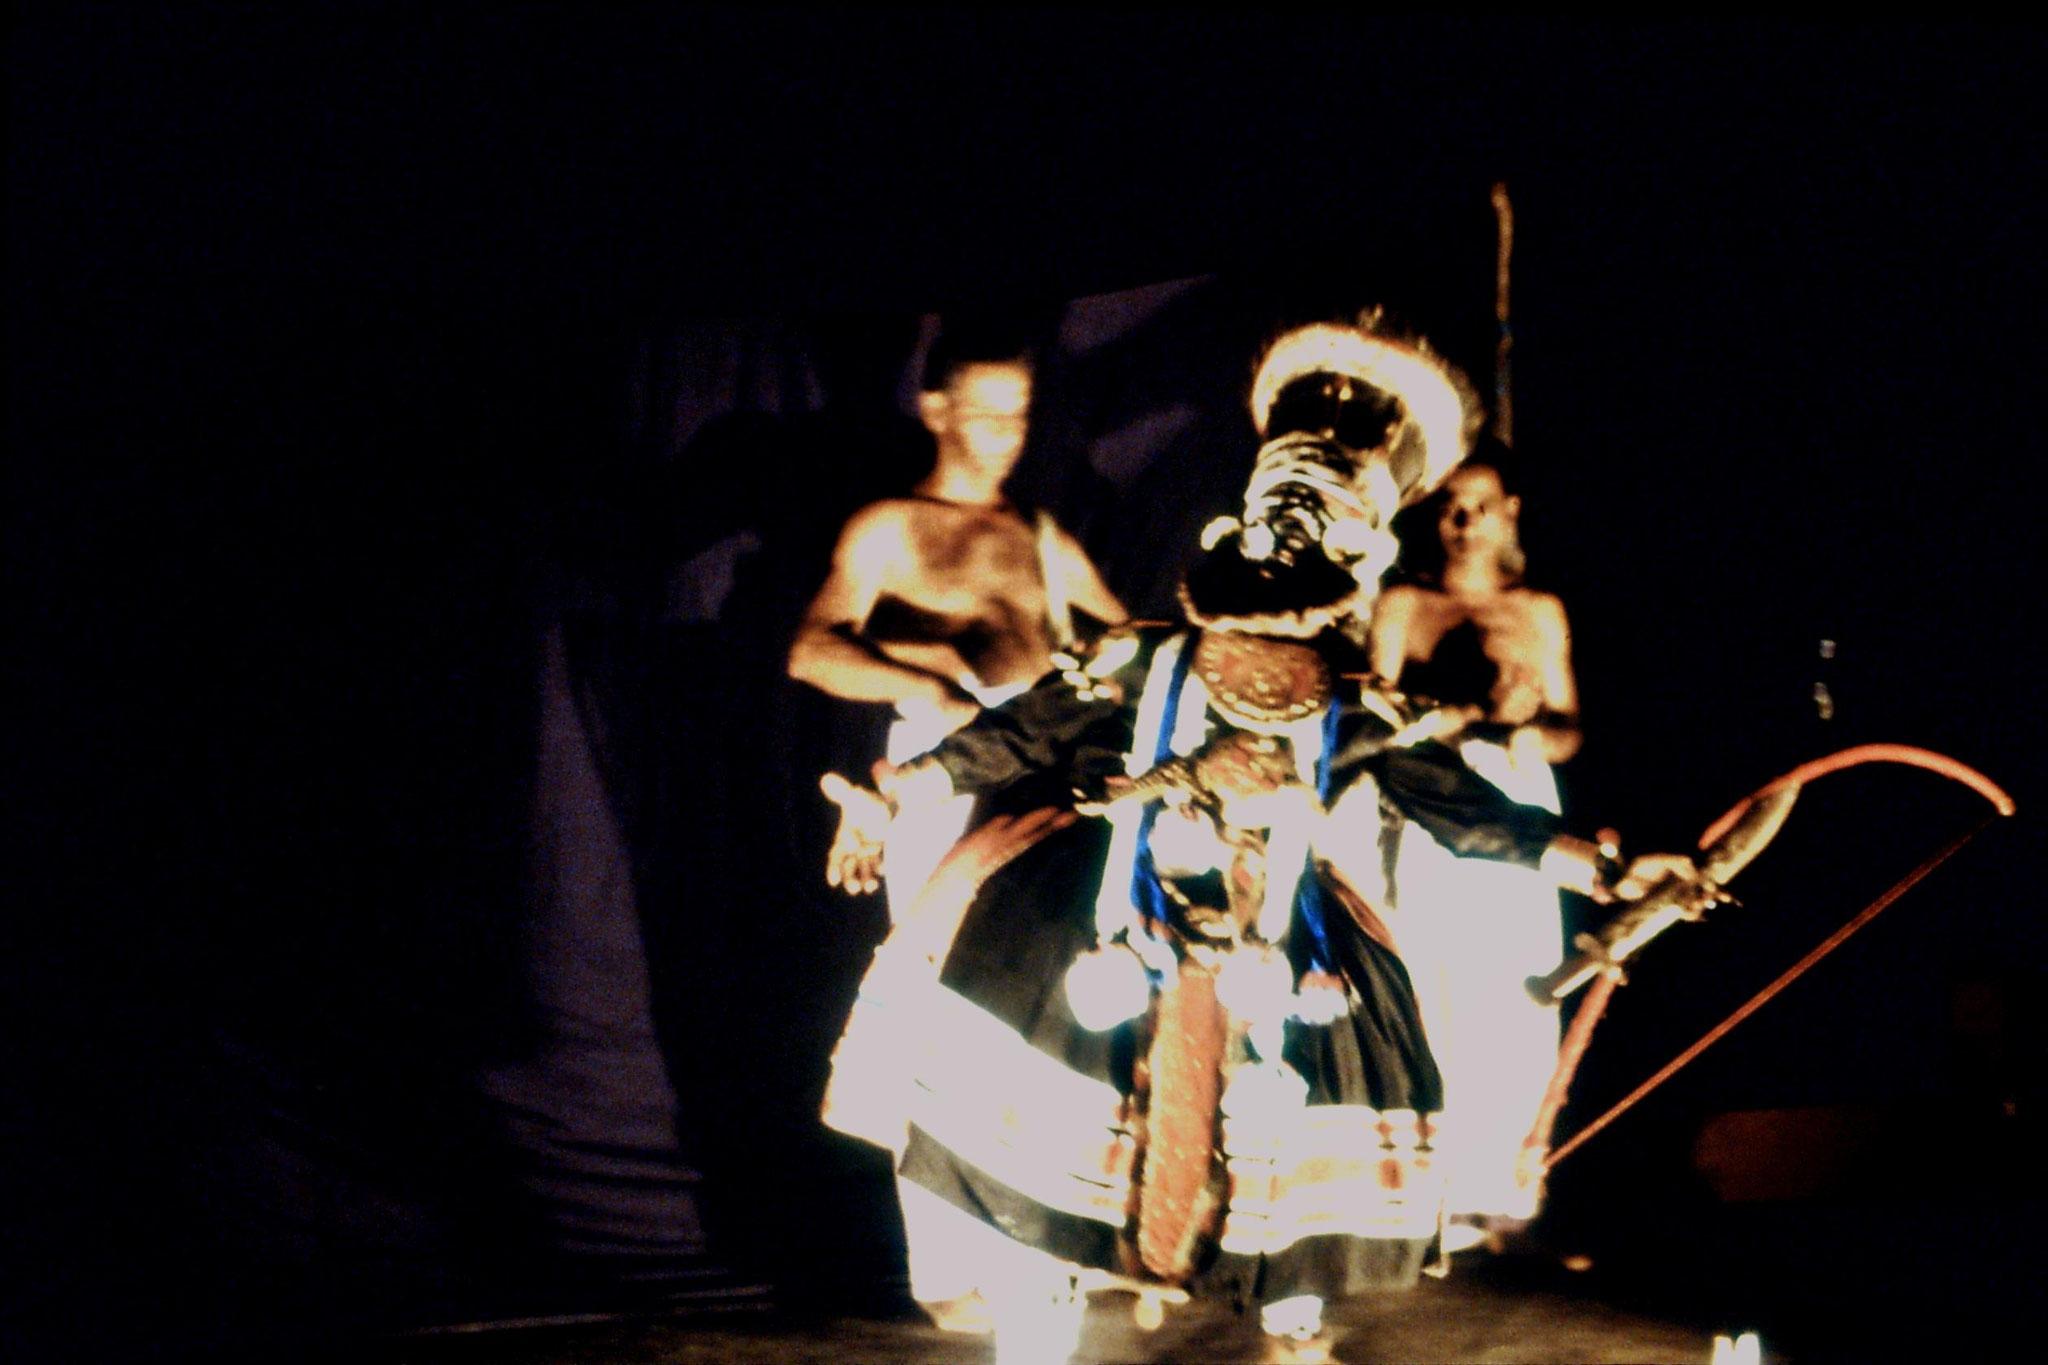 106/21: 24/2/1990 Erkunaculum - See India Foundation - Kathakali Dance